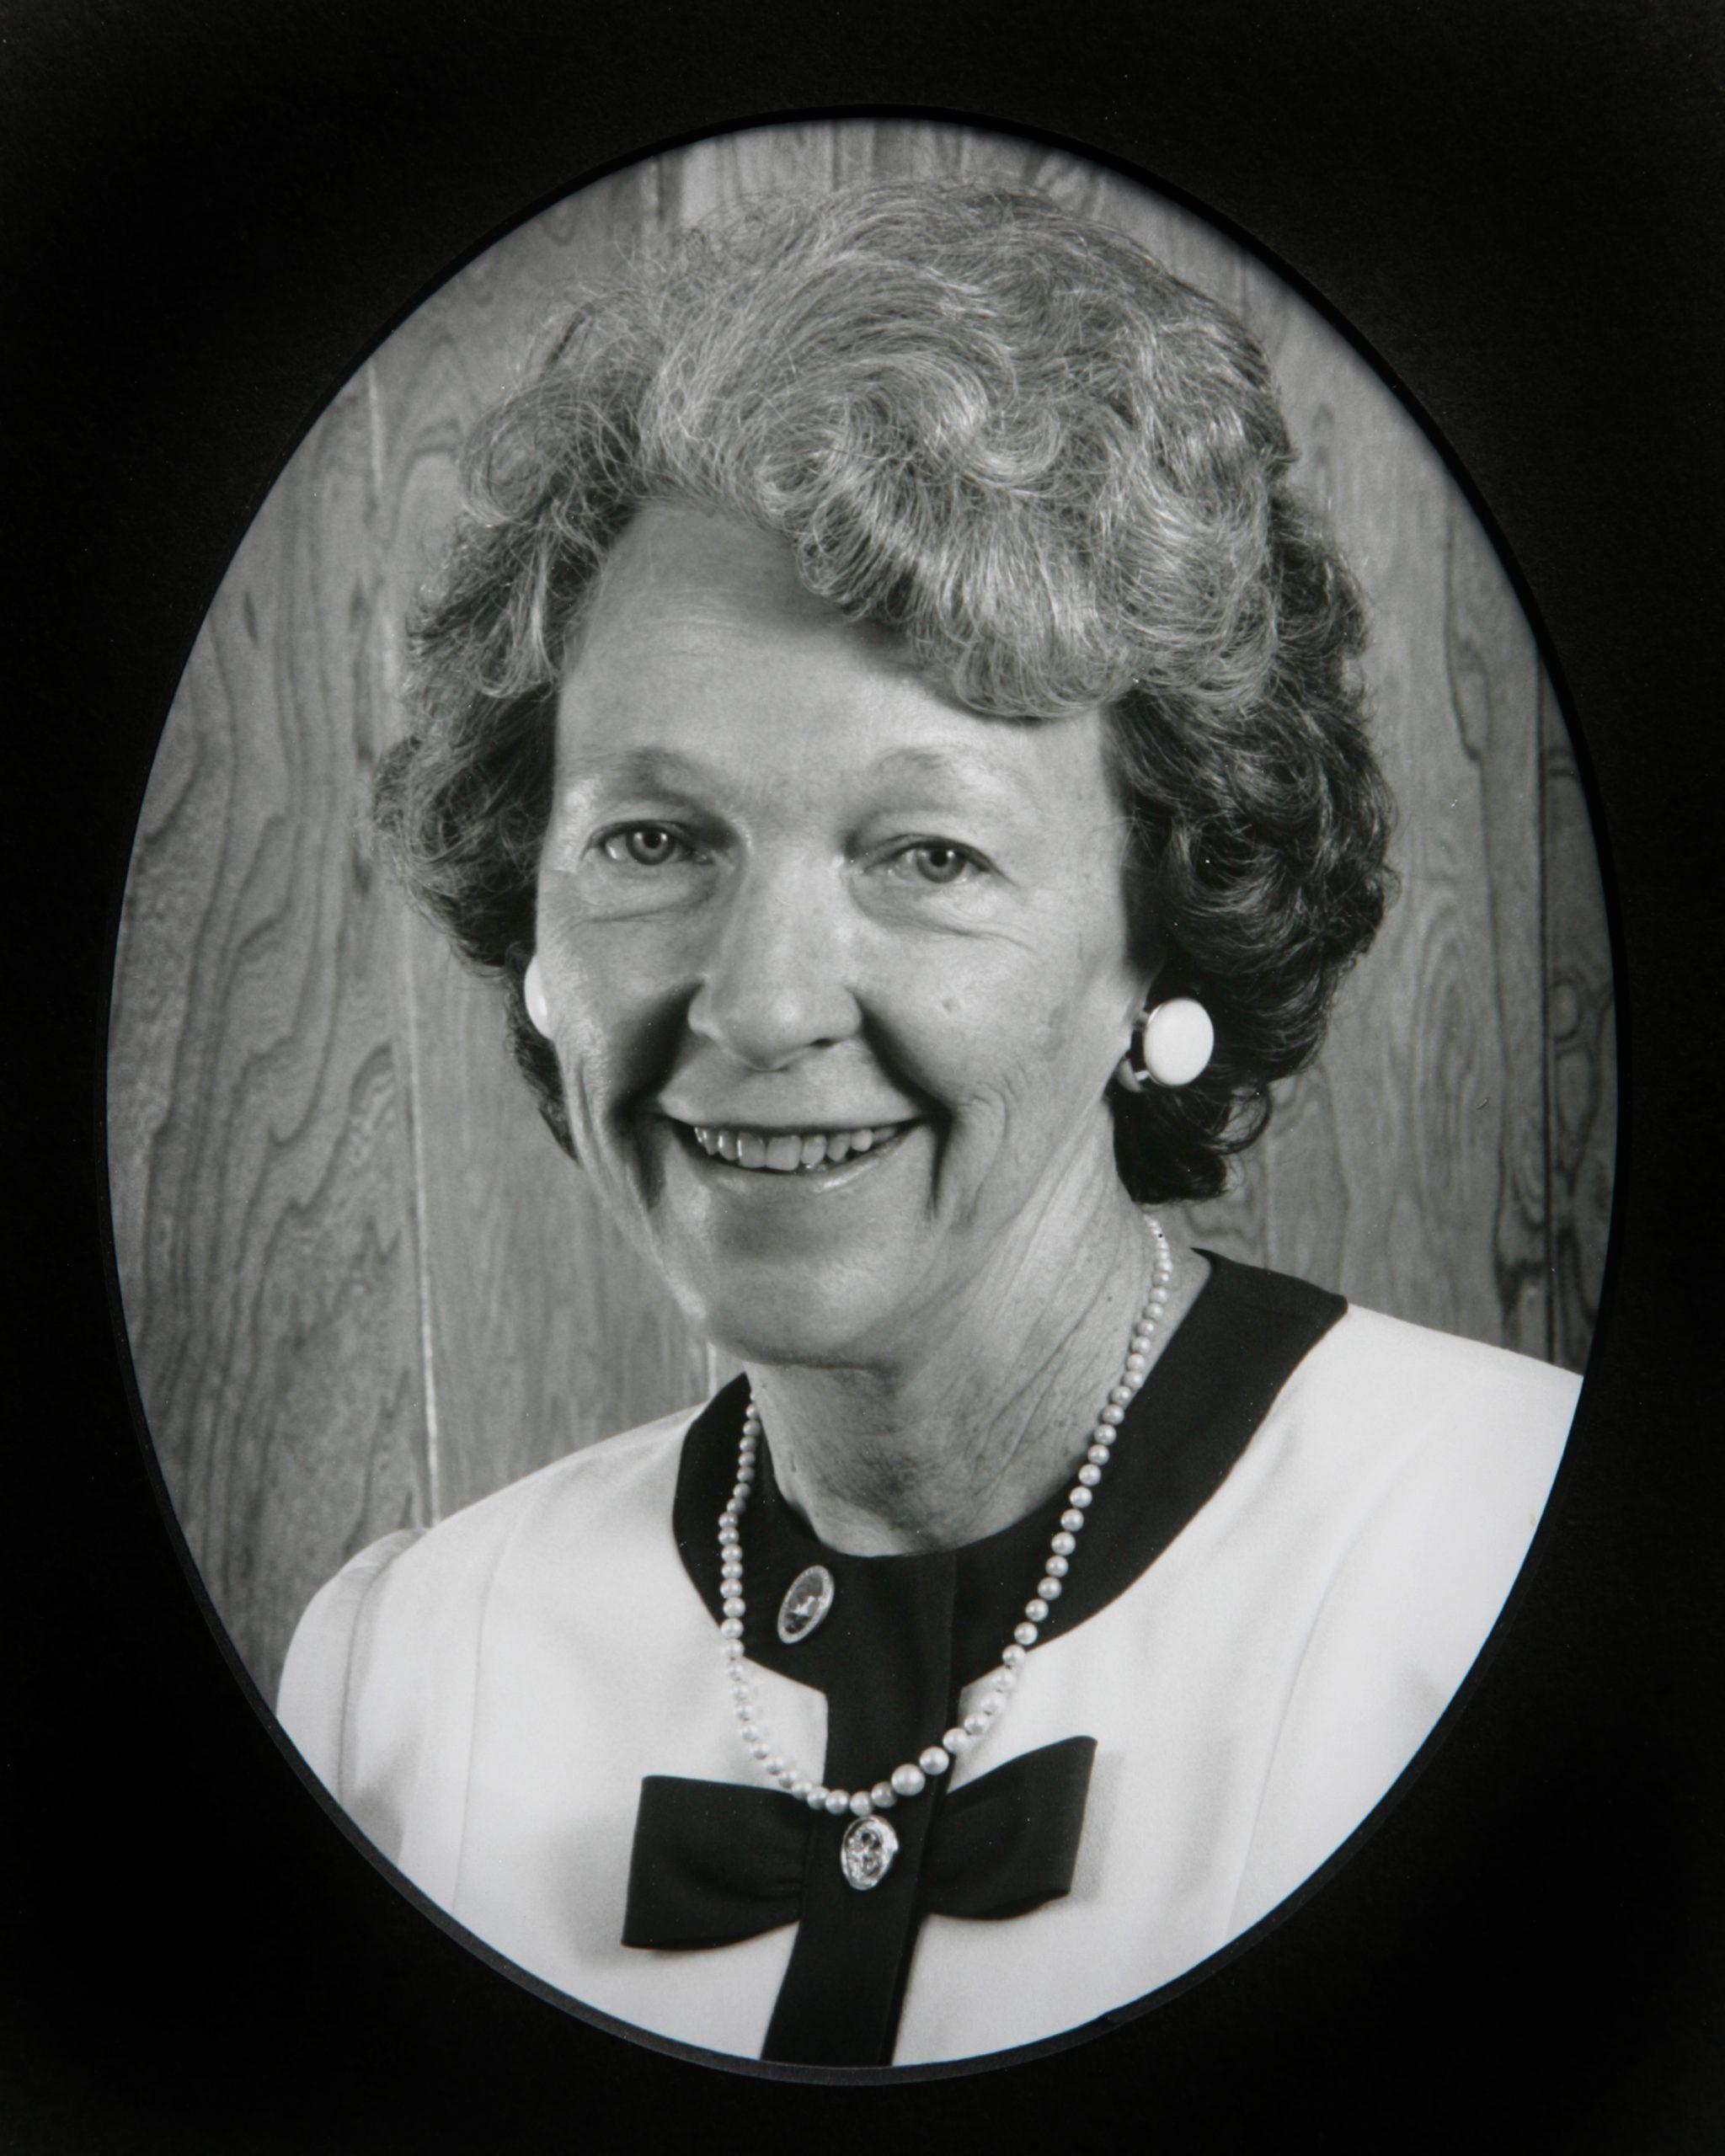 Gorman Anita